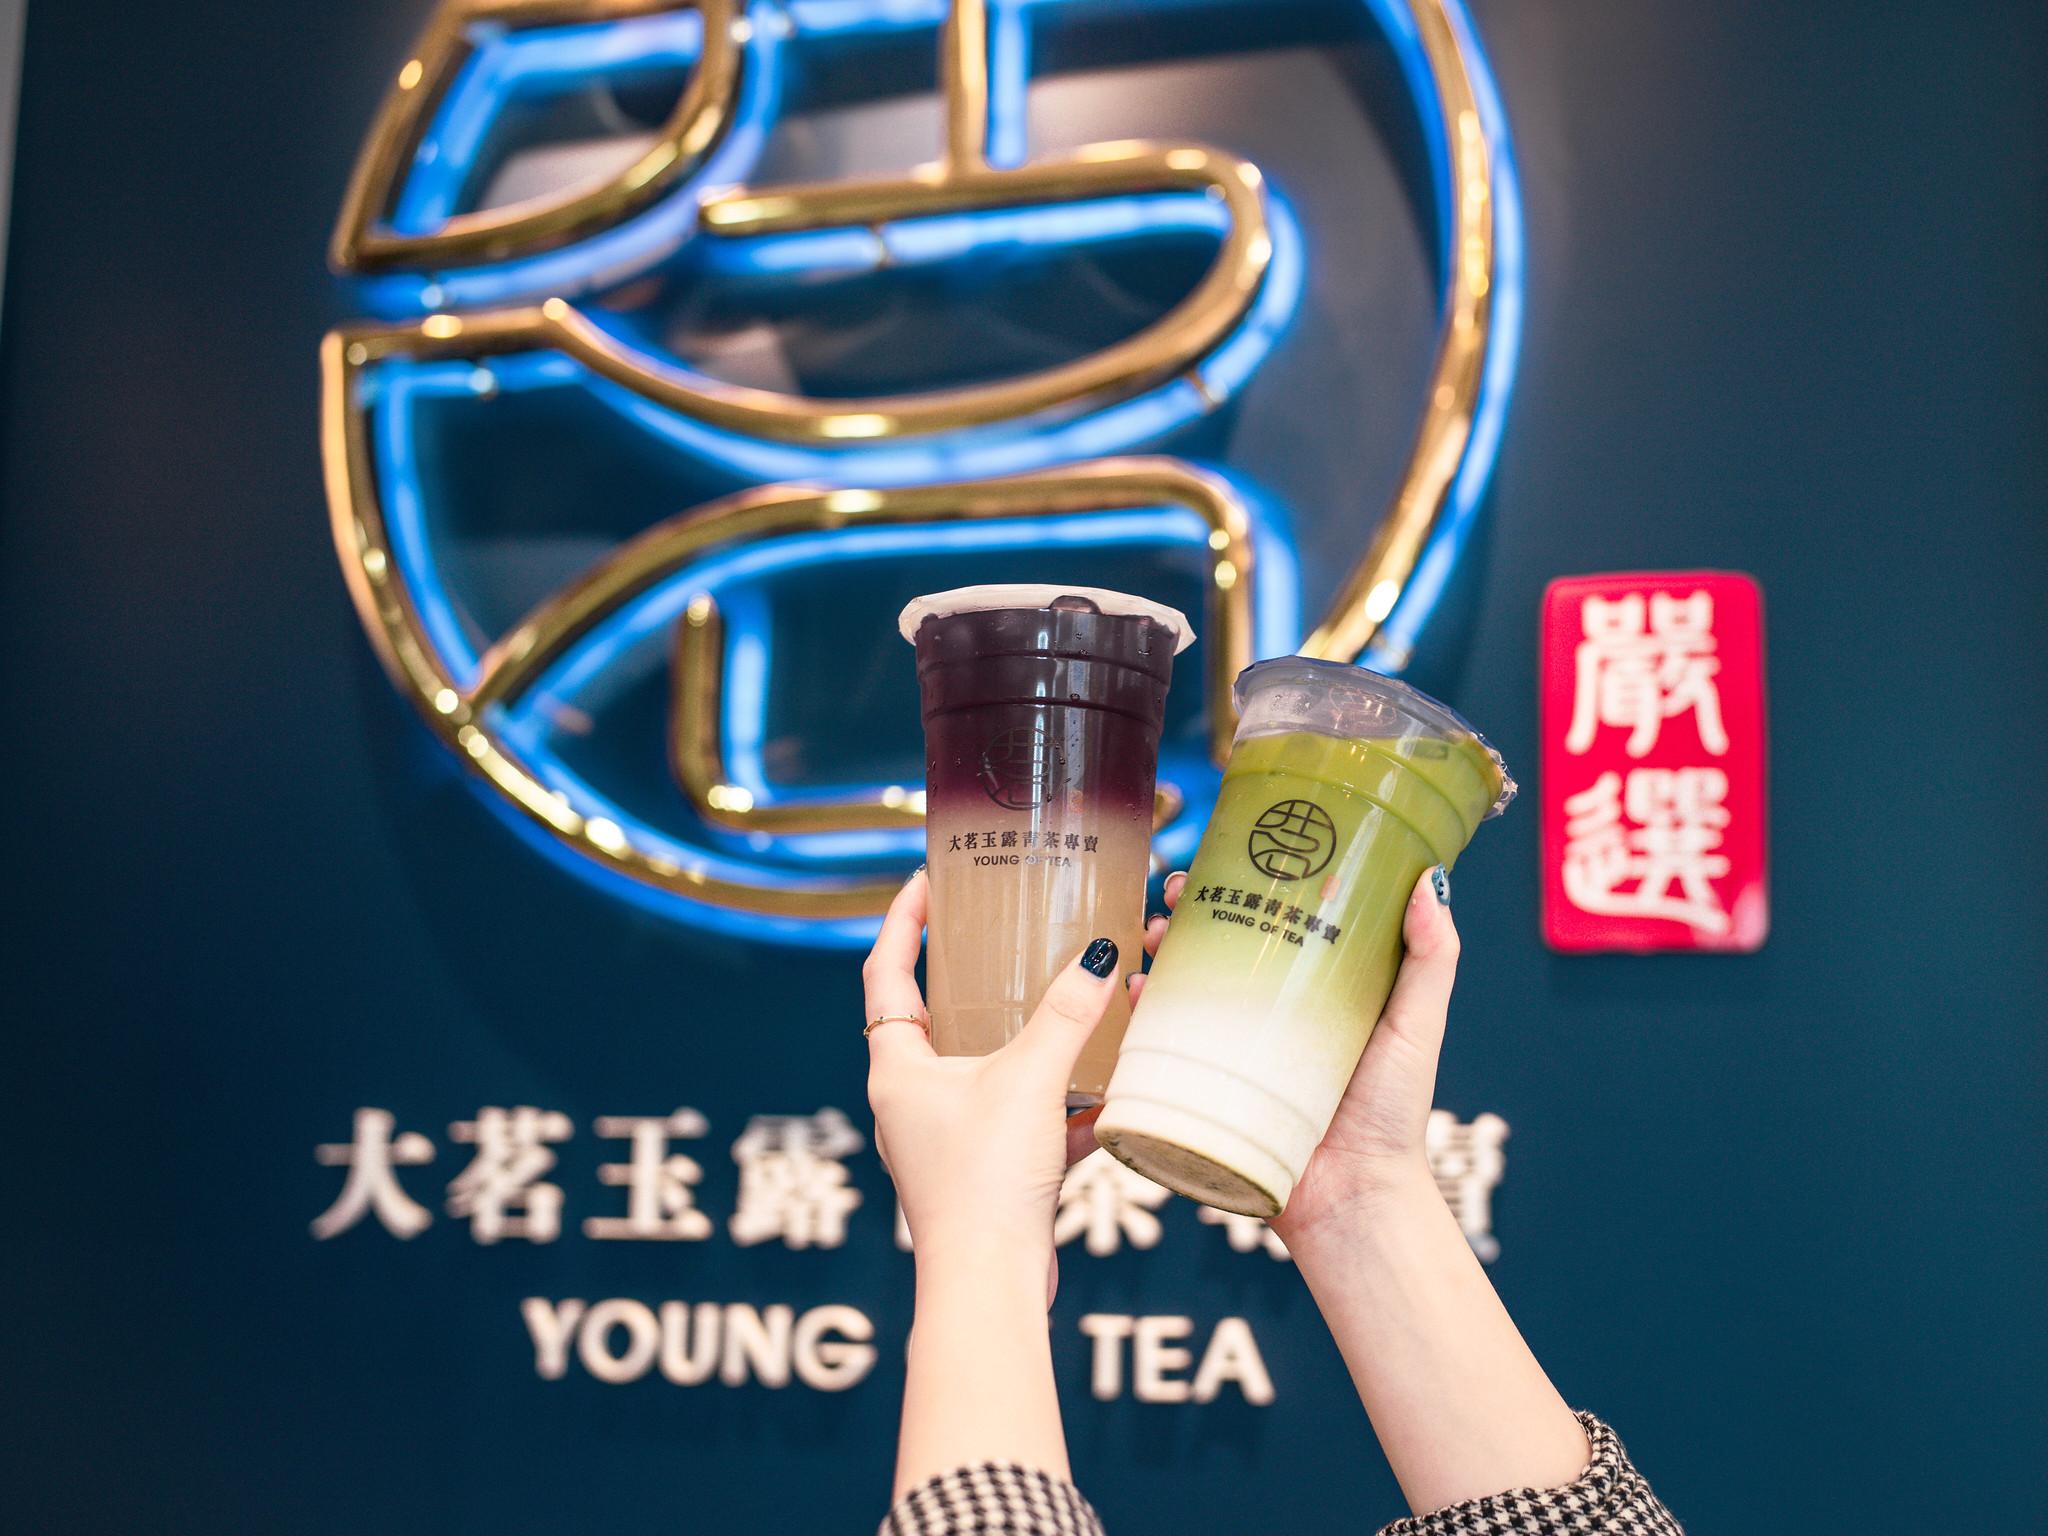 大茗玉露青茶專賣-紫蝶蜜檸凍 大茗玉露青茶專賣-抹茶拿鐵